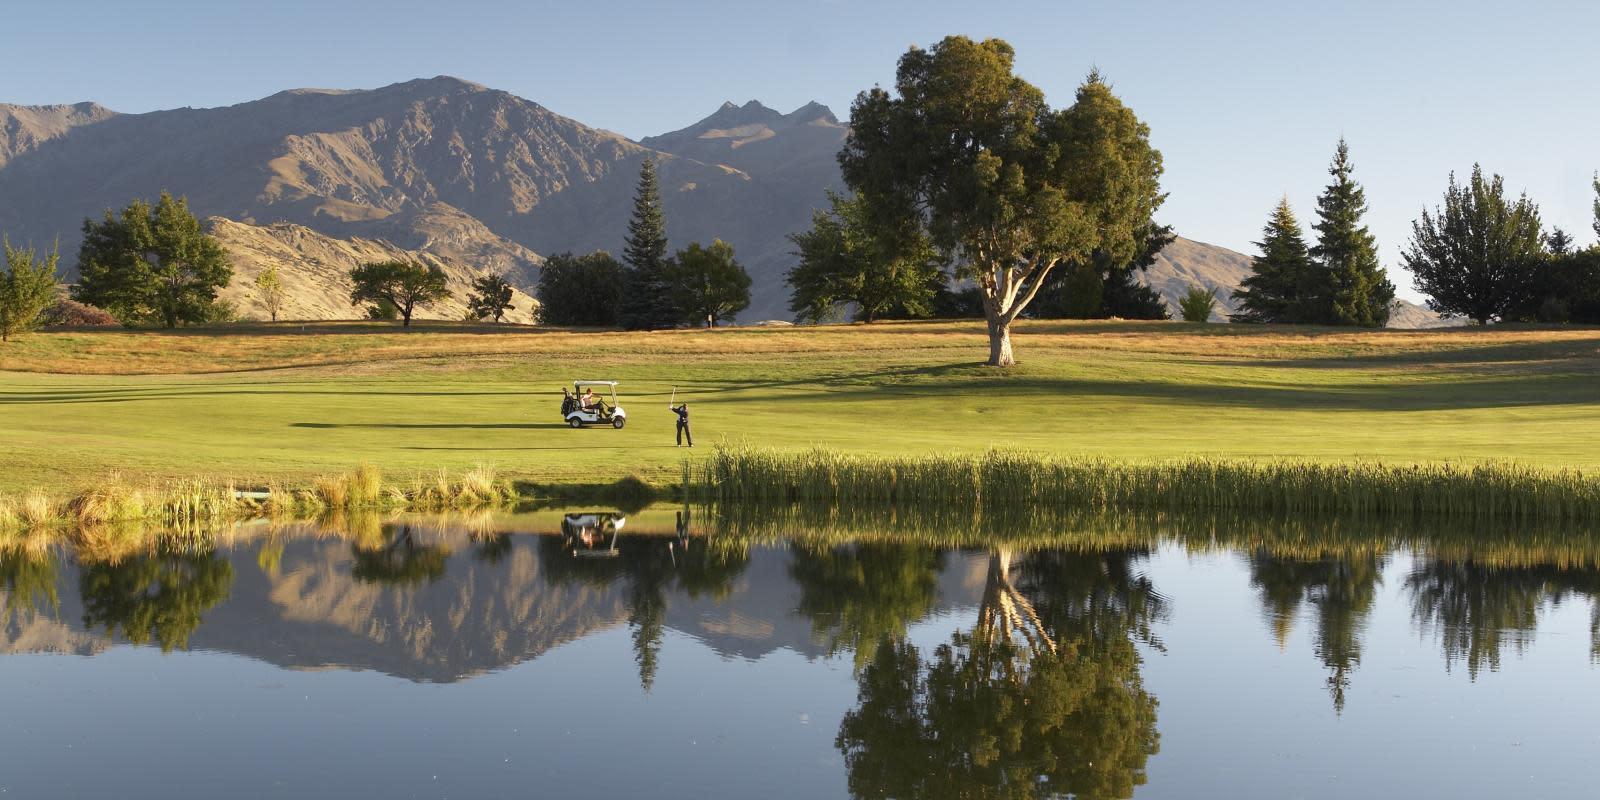 Golfing at Millbrook Resort